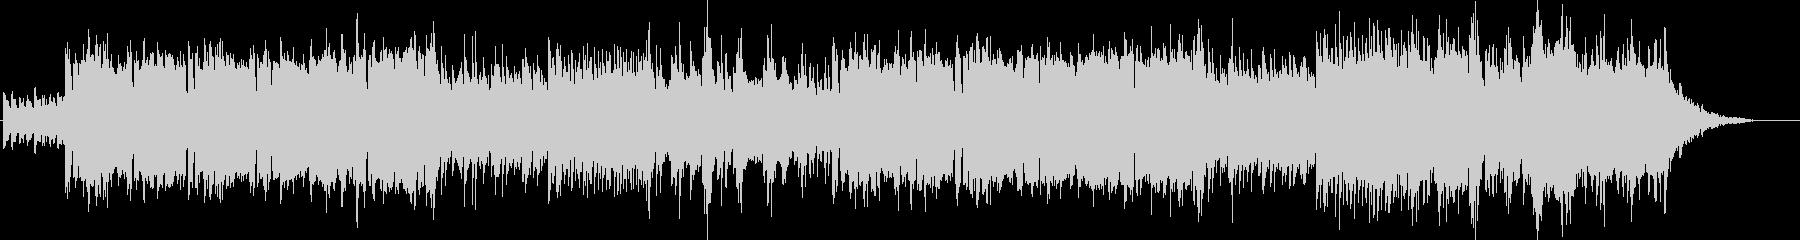 スローなバラード系の曲の未再生の波形